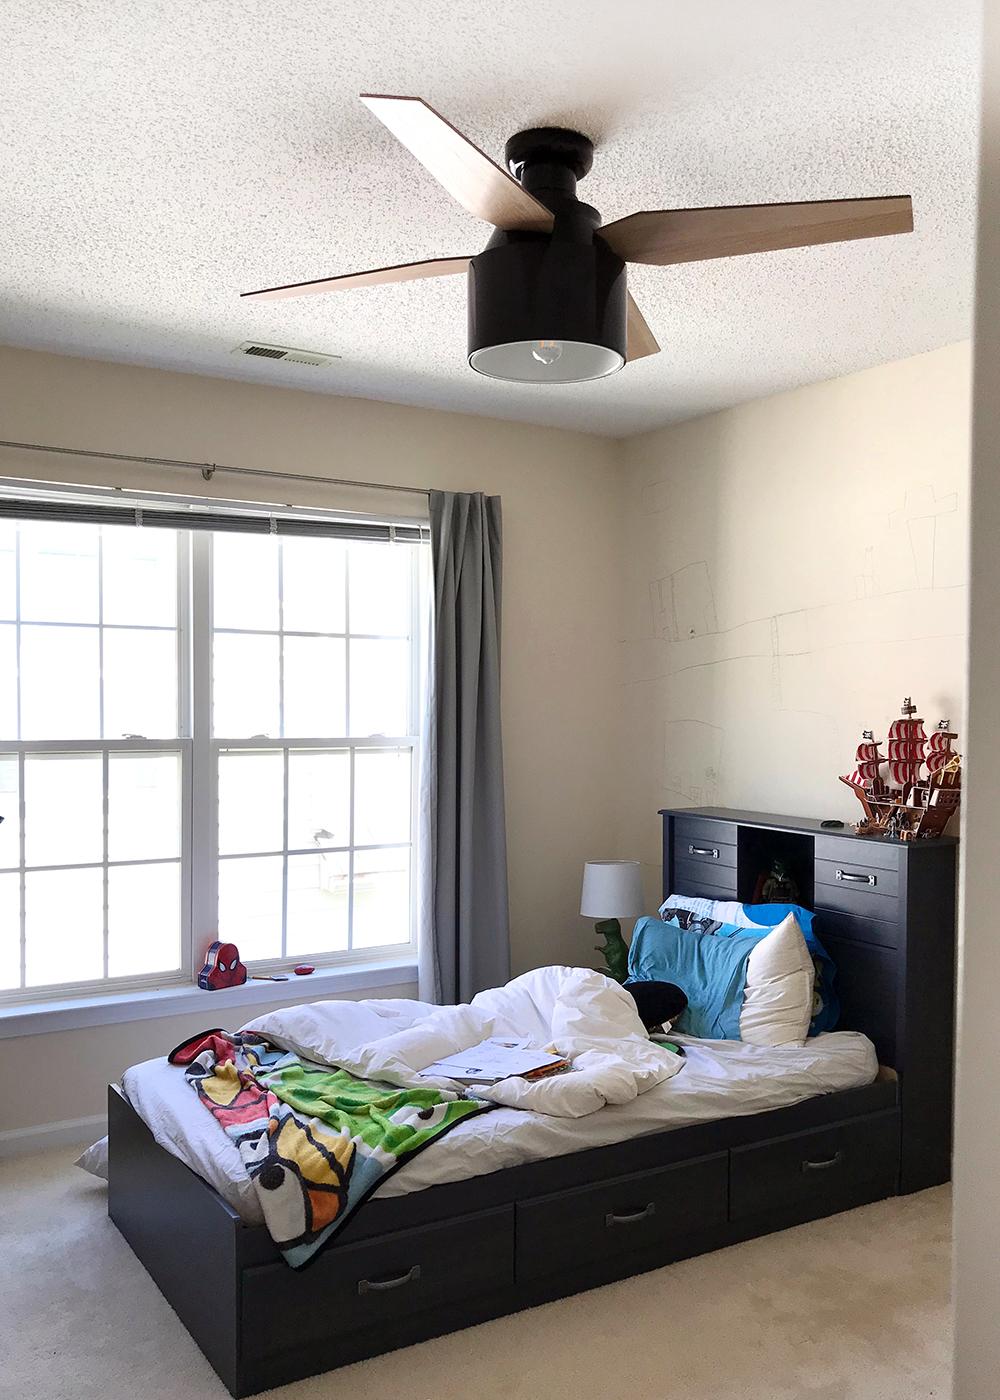 Loving the new ceiling fan